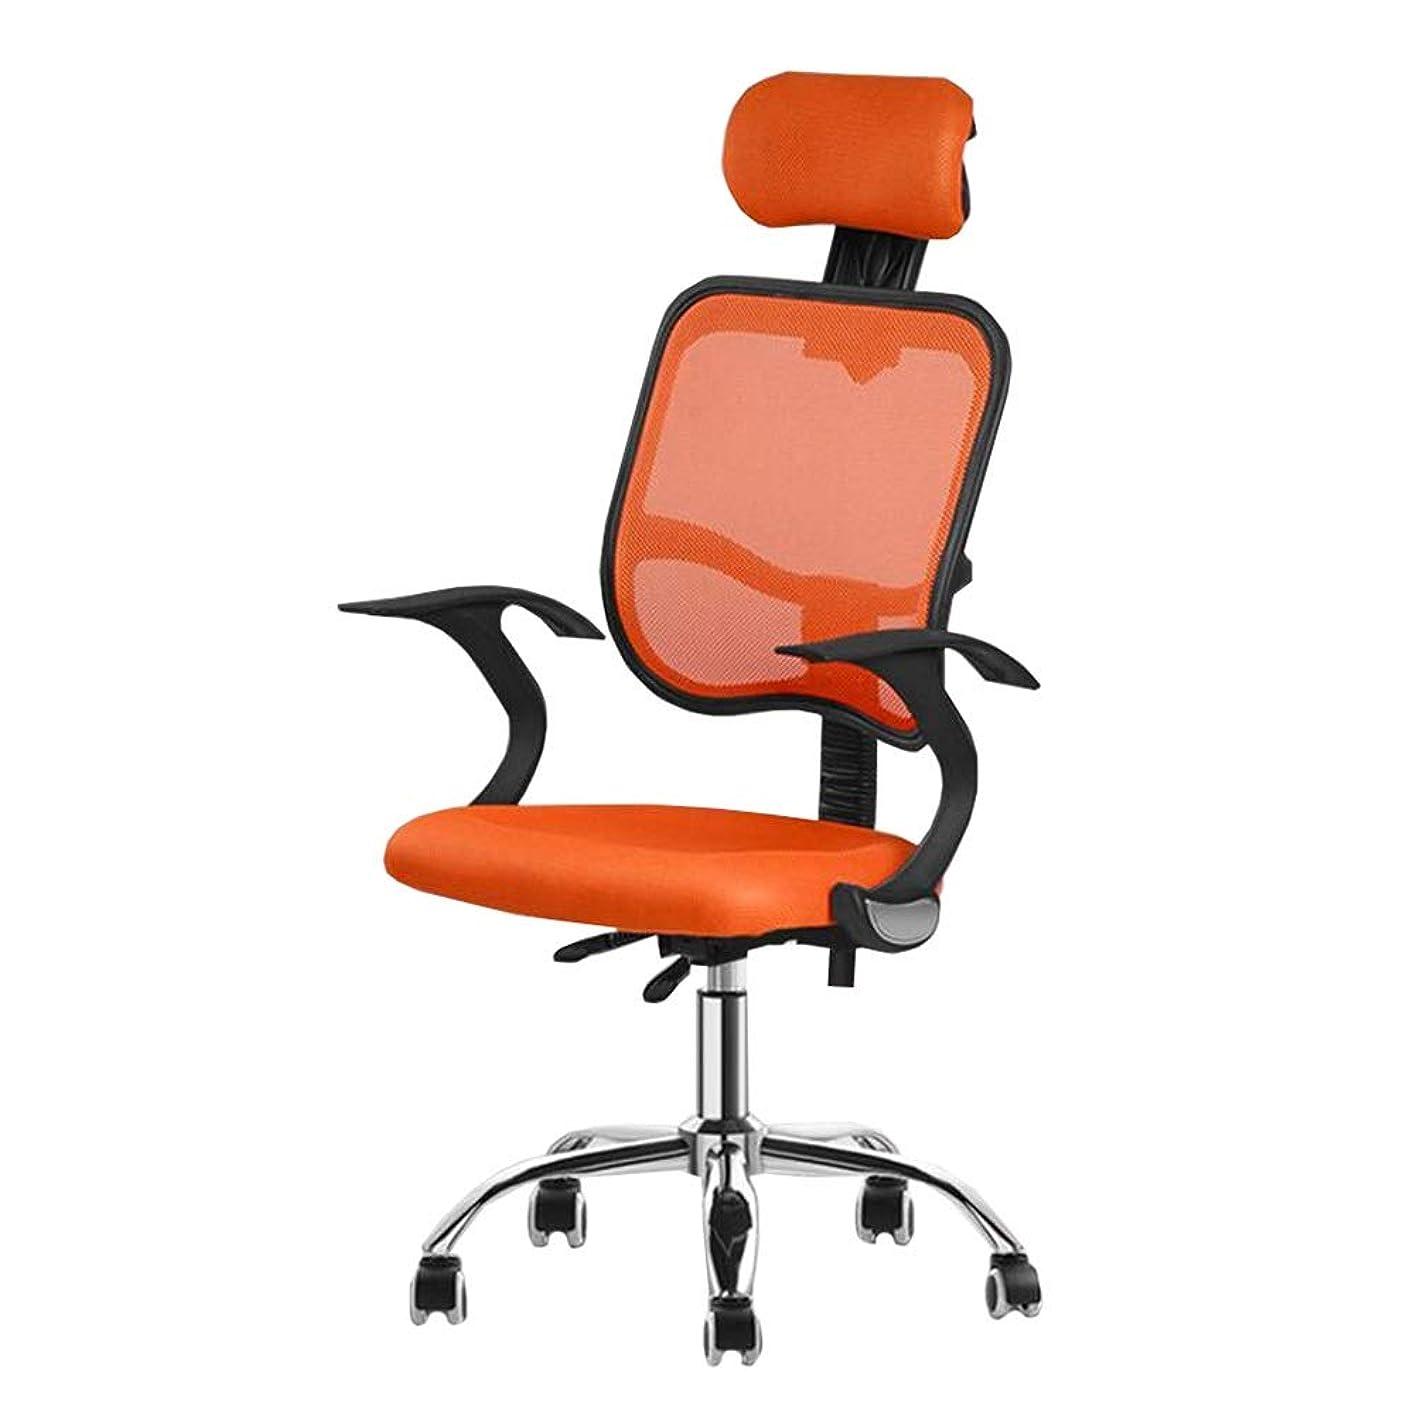 熟達した分泌する便利さDALL 事務用椅子 多機能 寝室 スタディホームチェア 学習チェア ドミトリーチェア スタッフチェア (色 : Orange)